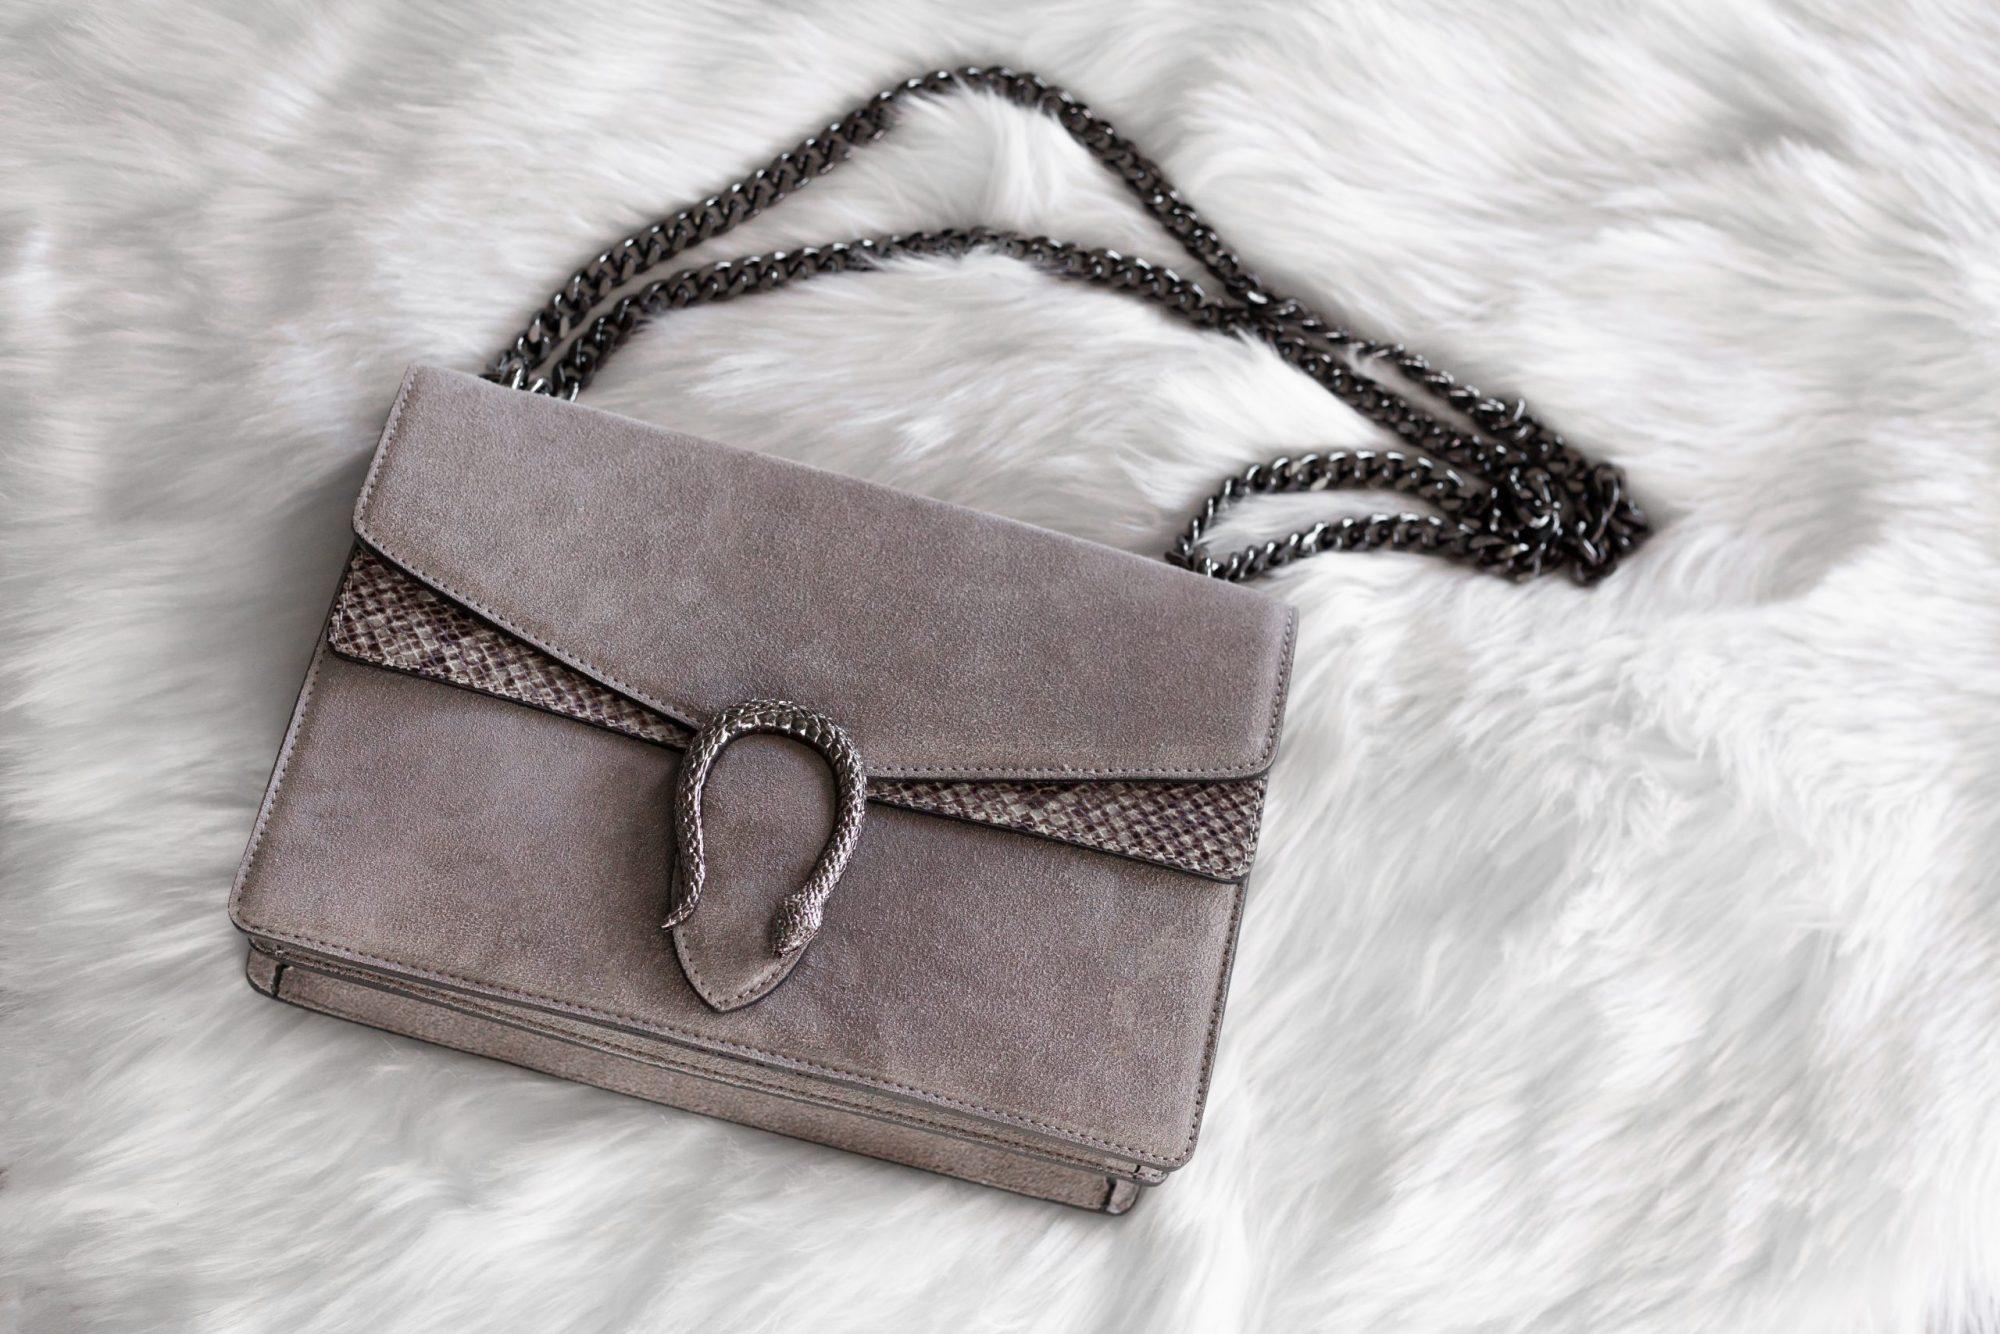 Italian suede handbag